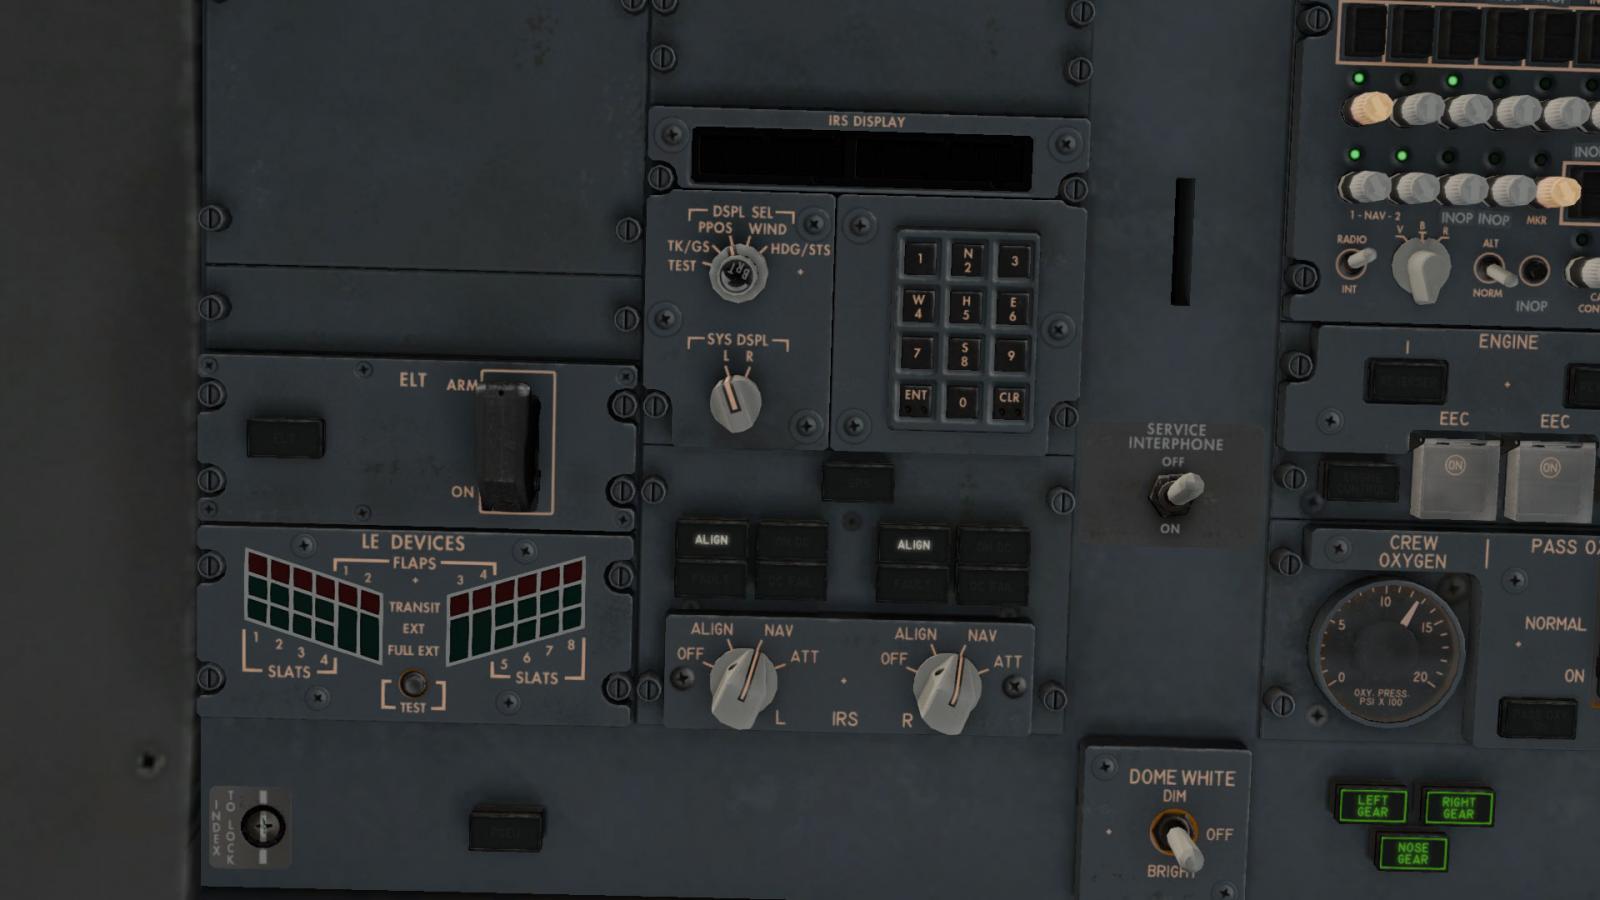 Boeing B738-800 by zibo - IRS problem - ZIBO B738-800